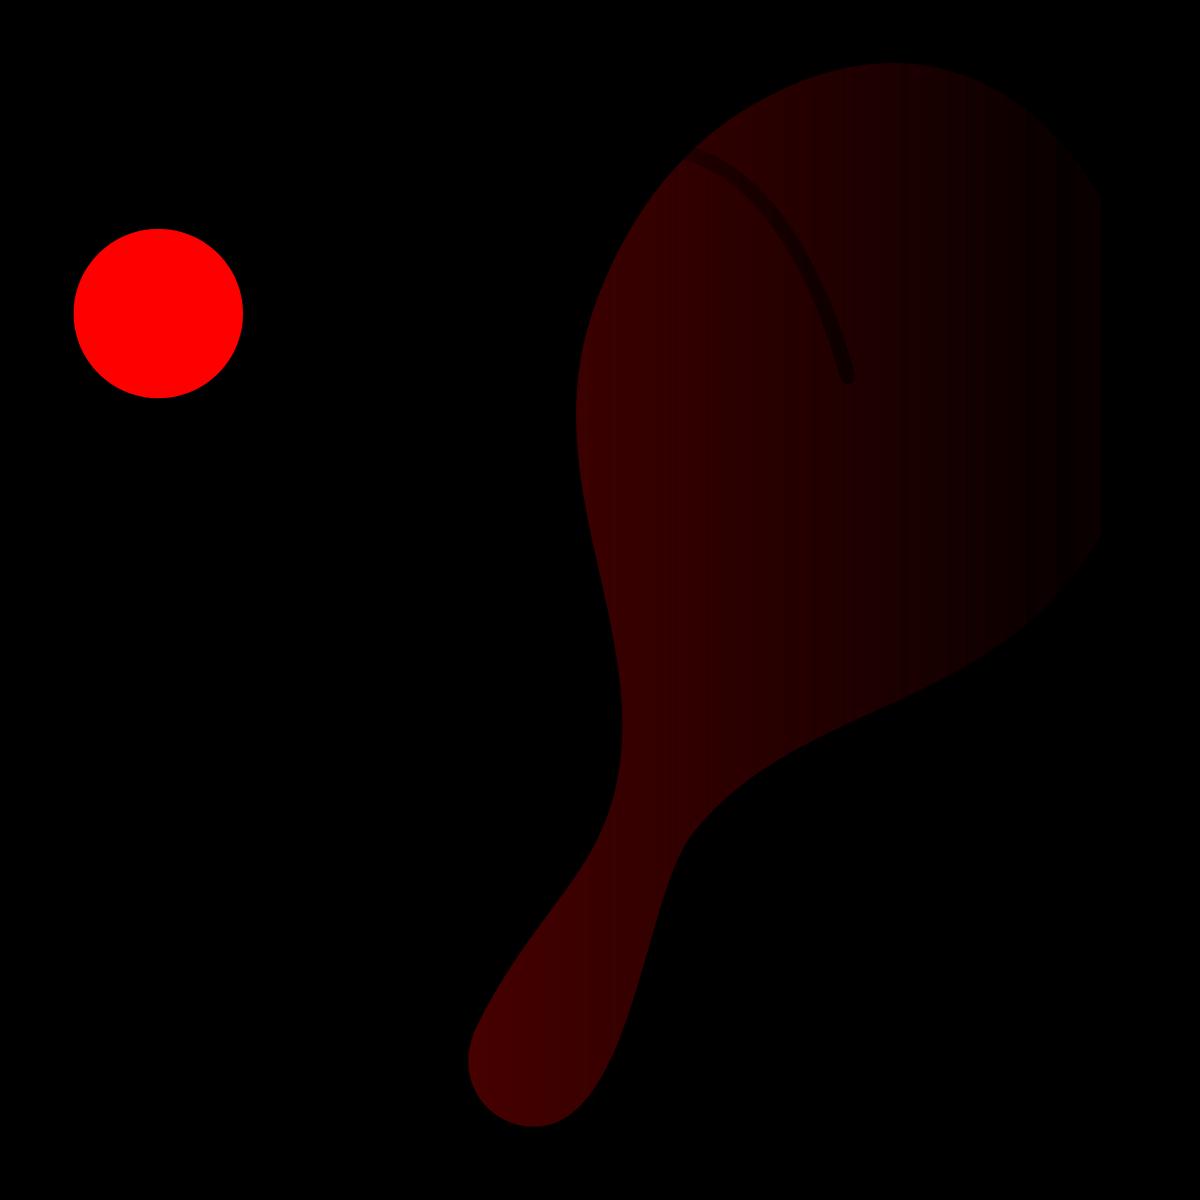 1200x1200 Paddle Ball